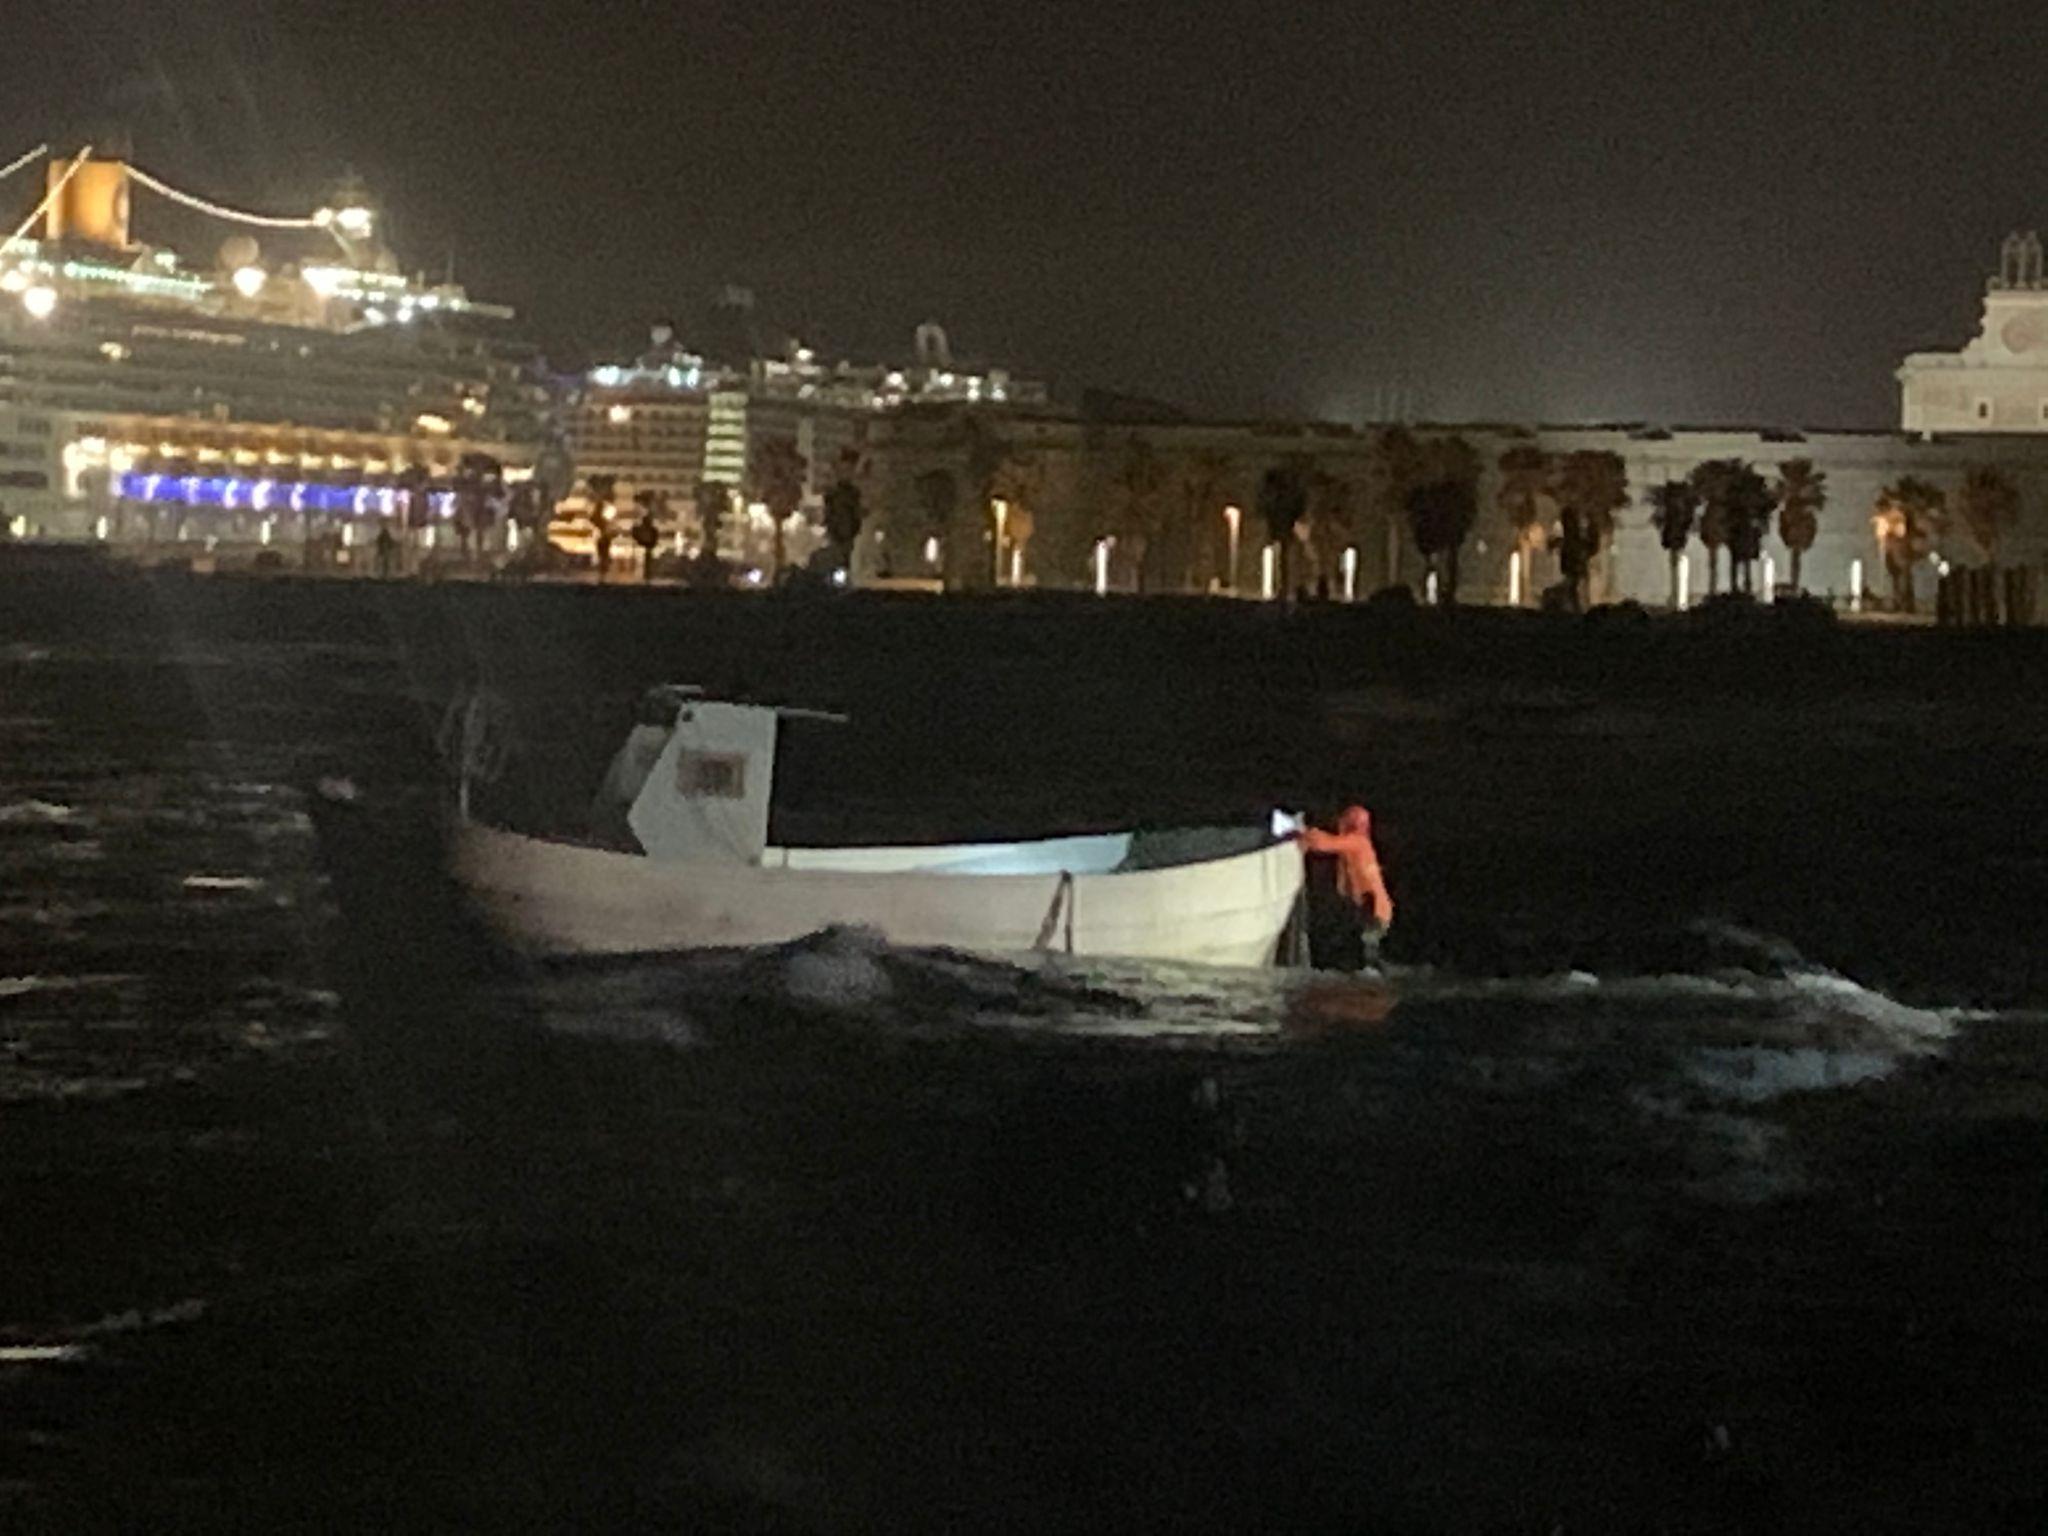 Imbarcazione alla deriva al Pirgo: intervengono i Vigili del fuoco